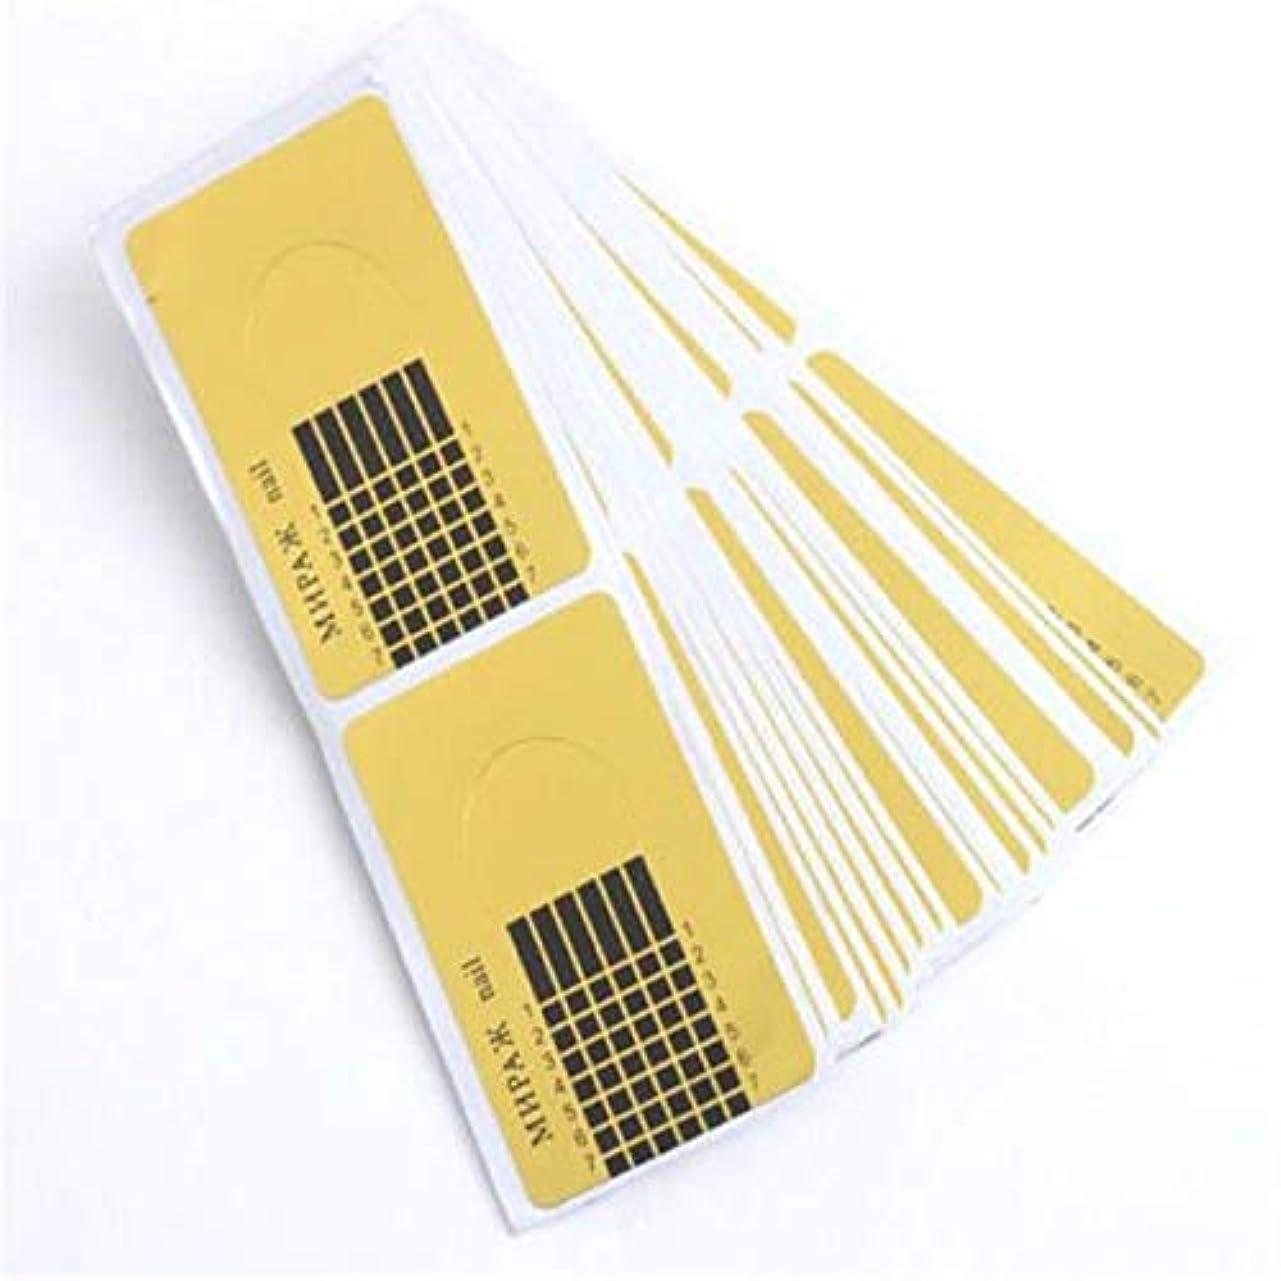 知覚的位置する拡張Yoshilimen 注目のデザイン100個新しいコンセプトゴールド昆虫タイプ指トリートメント爪サポートクリスタル特殊ホルダー(None golden)